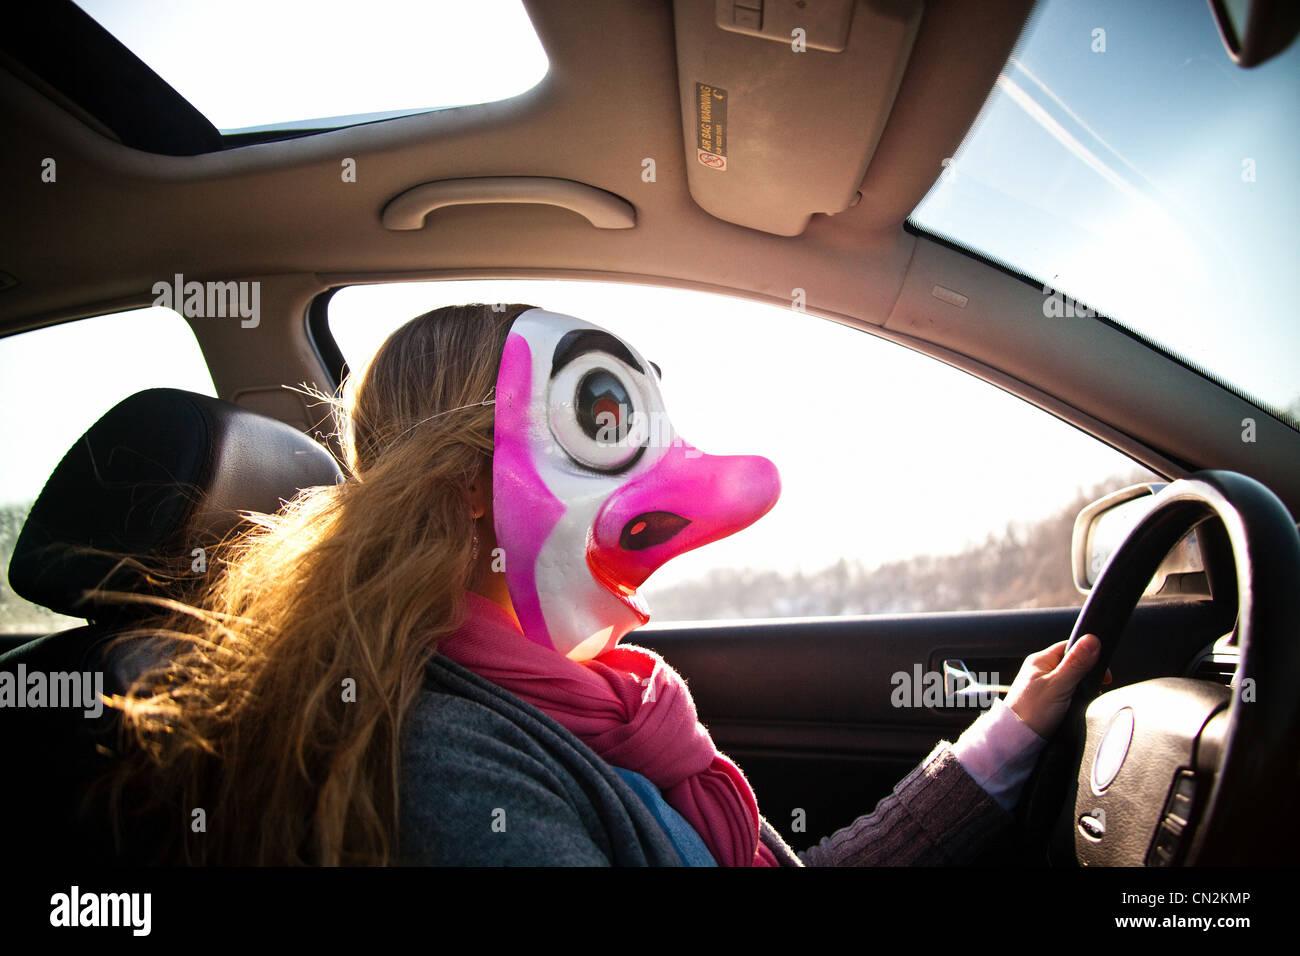 Frau Auto mit Clownsmaske Stockfoto